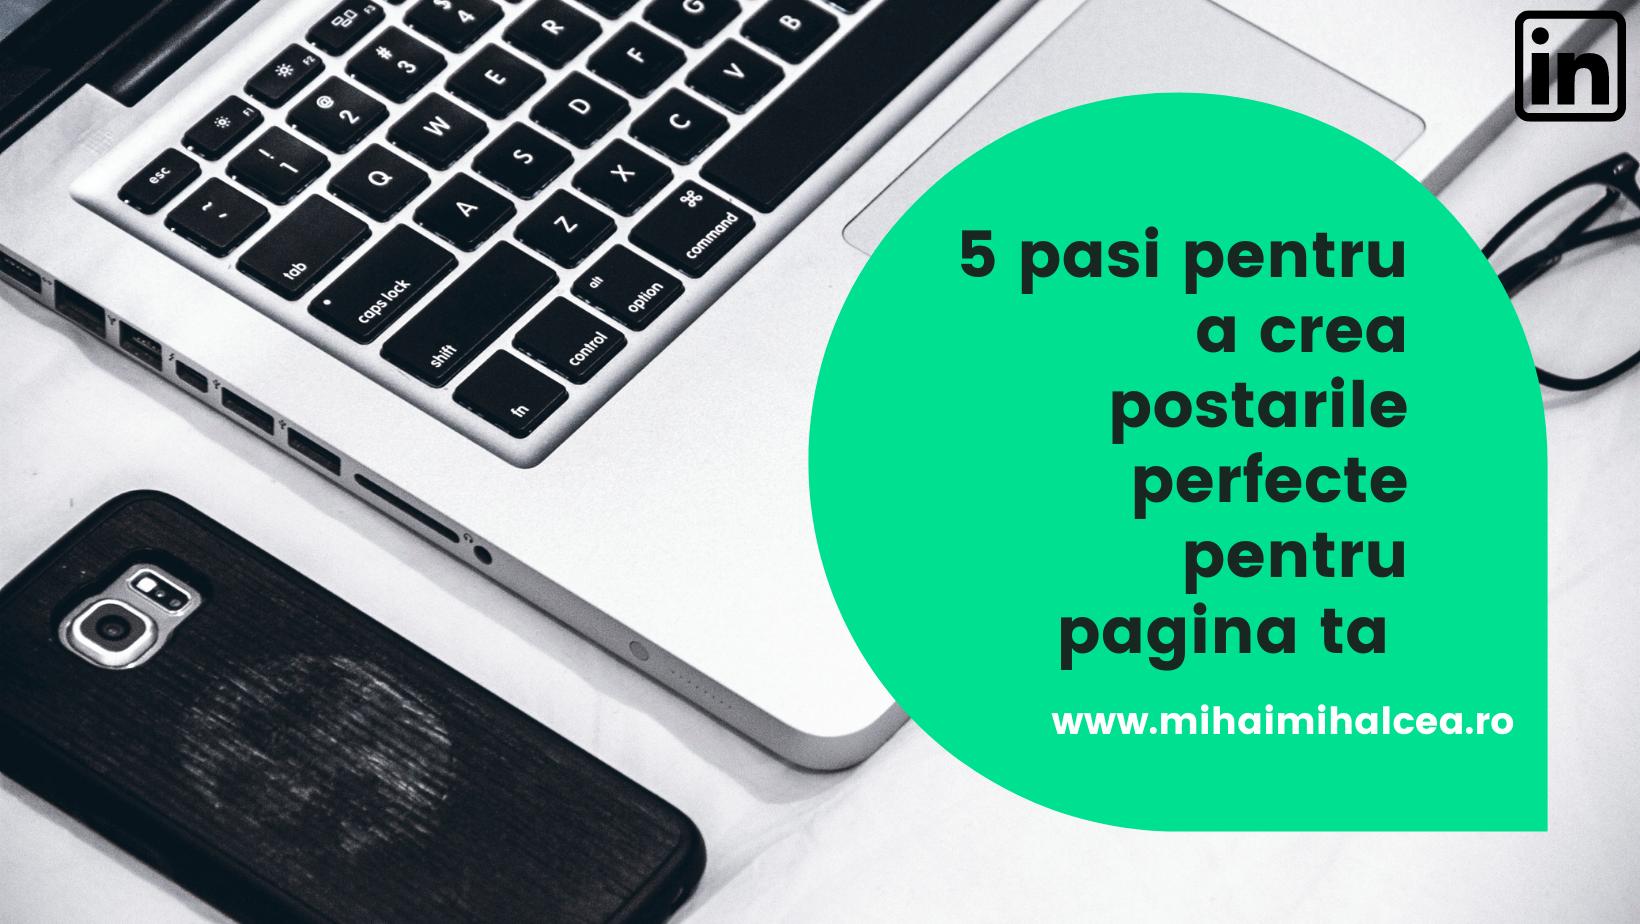 Postări perfecte în LinkedIn cu 5 Pași! Acum și pentru pagina ta!